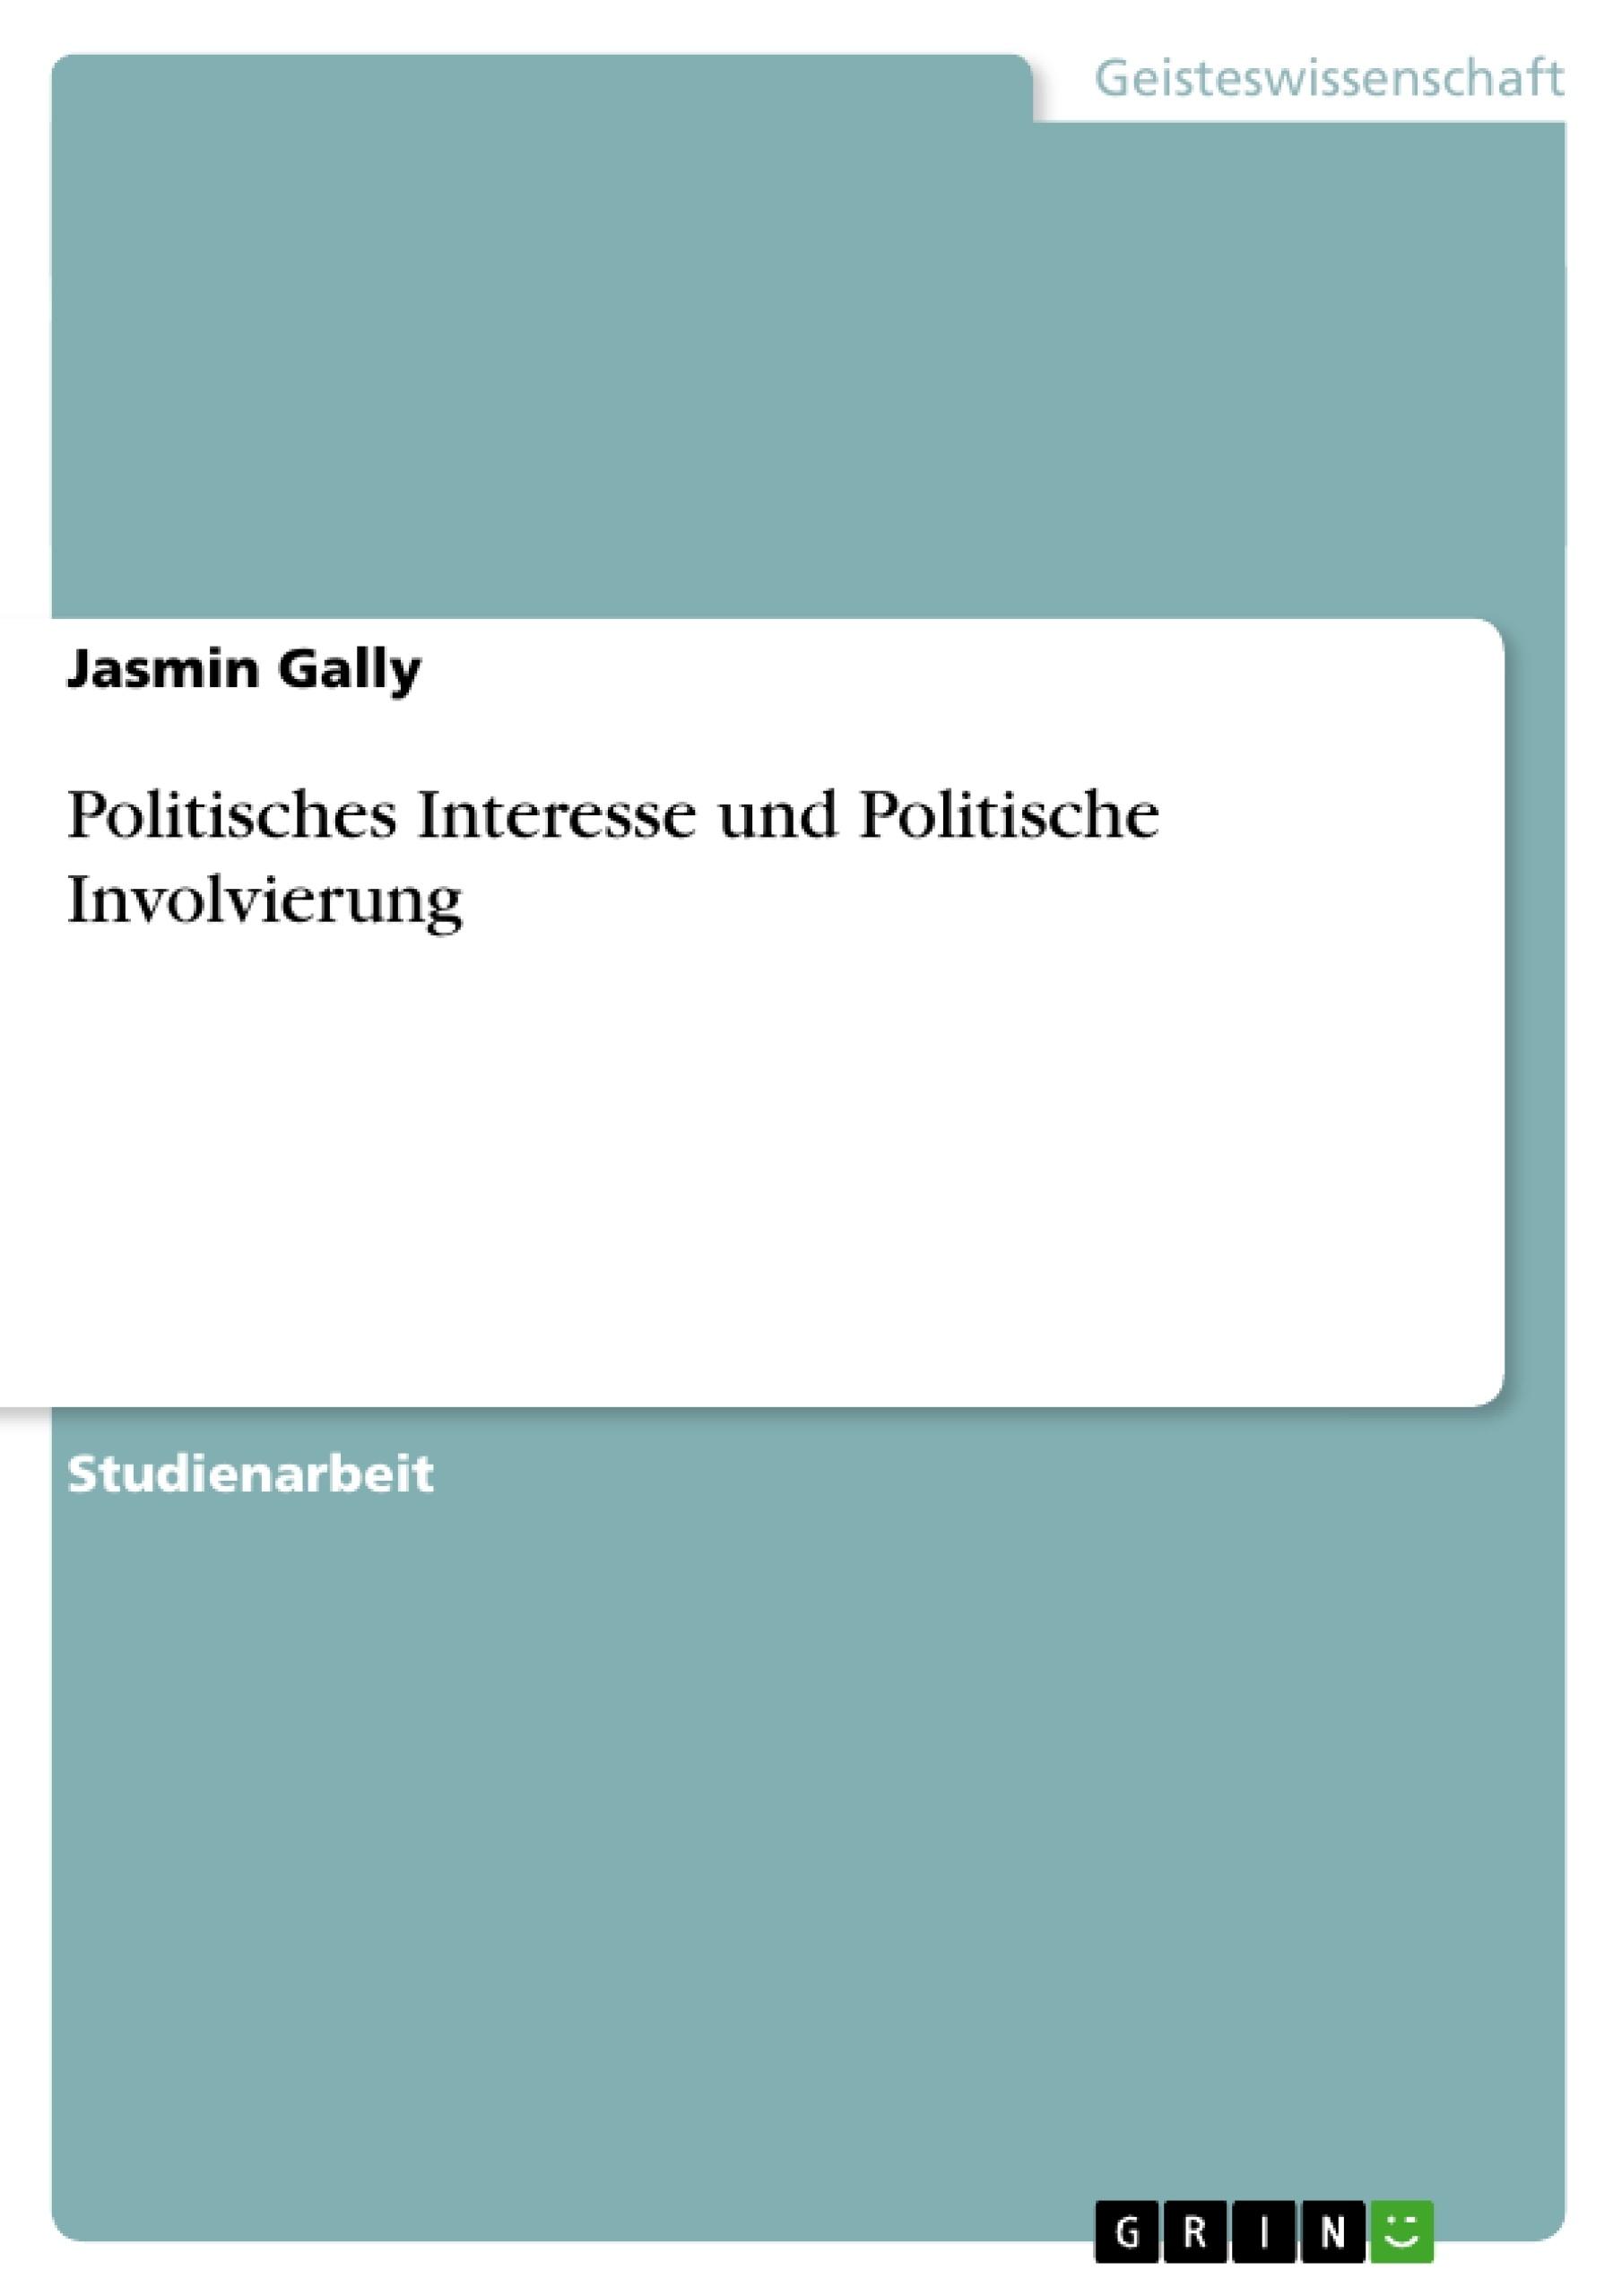 Titel: Politisches Interesse und Politische Involvierung